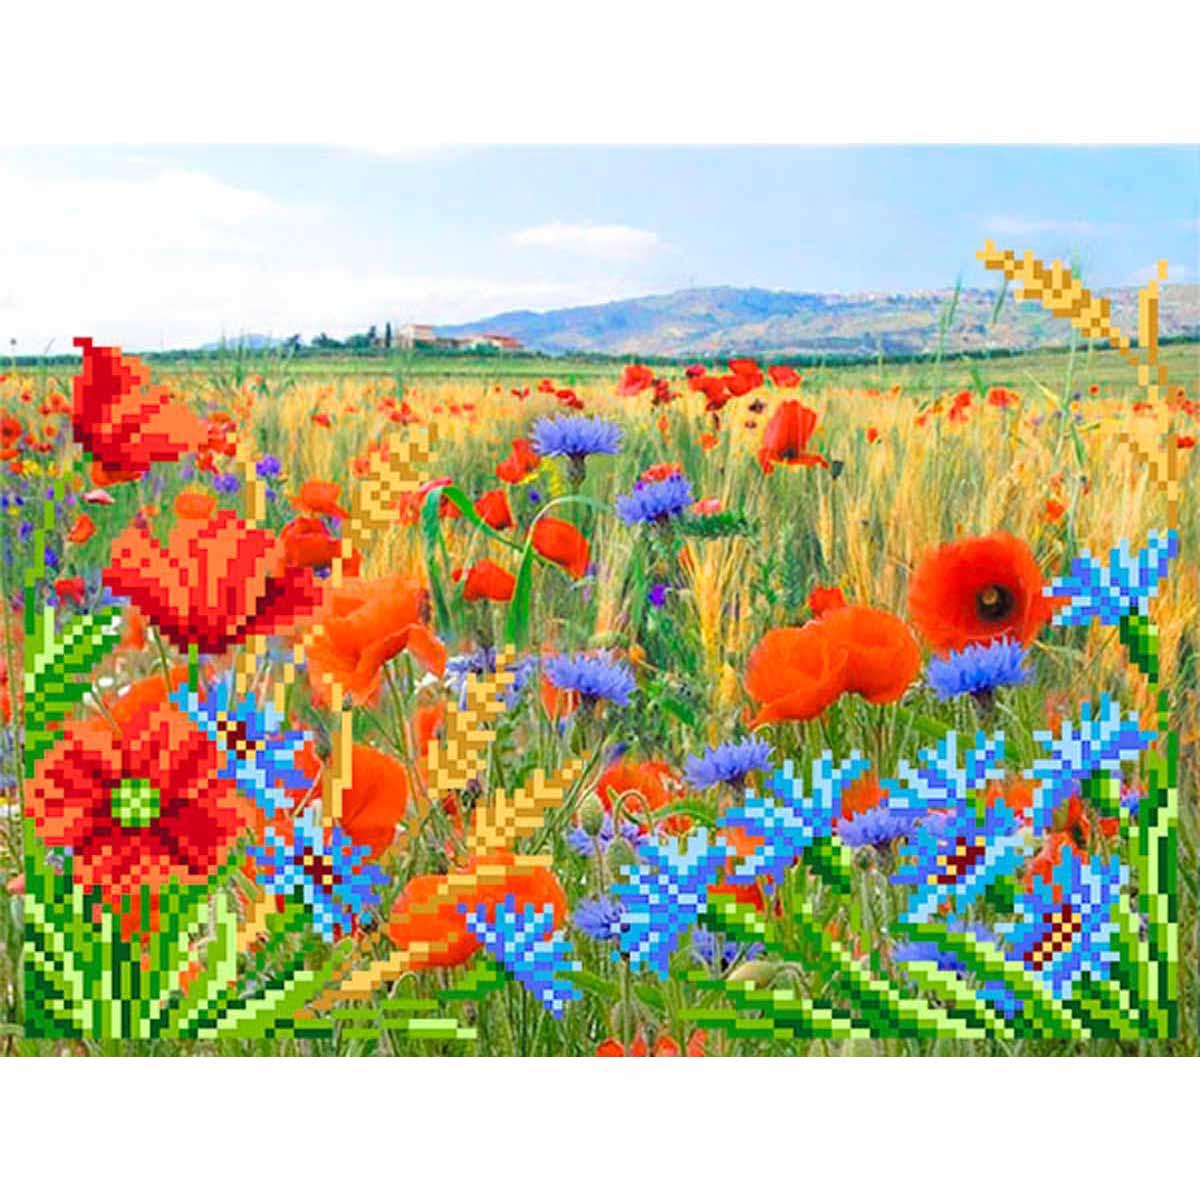 4121 Рисунок на шелке Матренин посад 'Полевые цветы' 24*30см (28*34см)